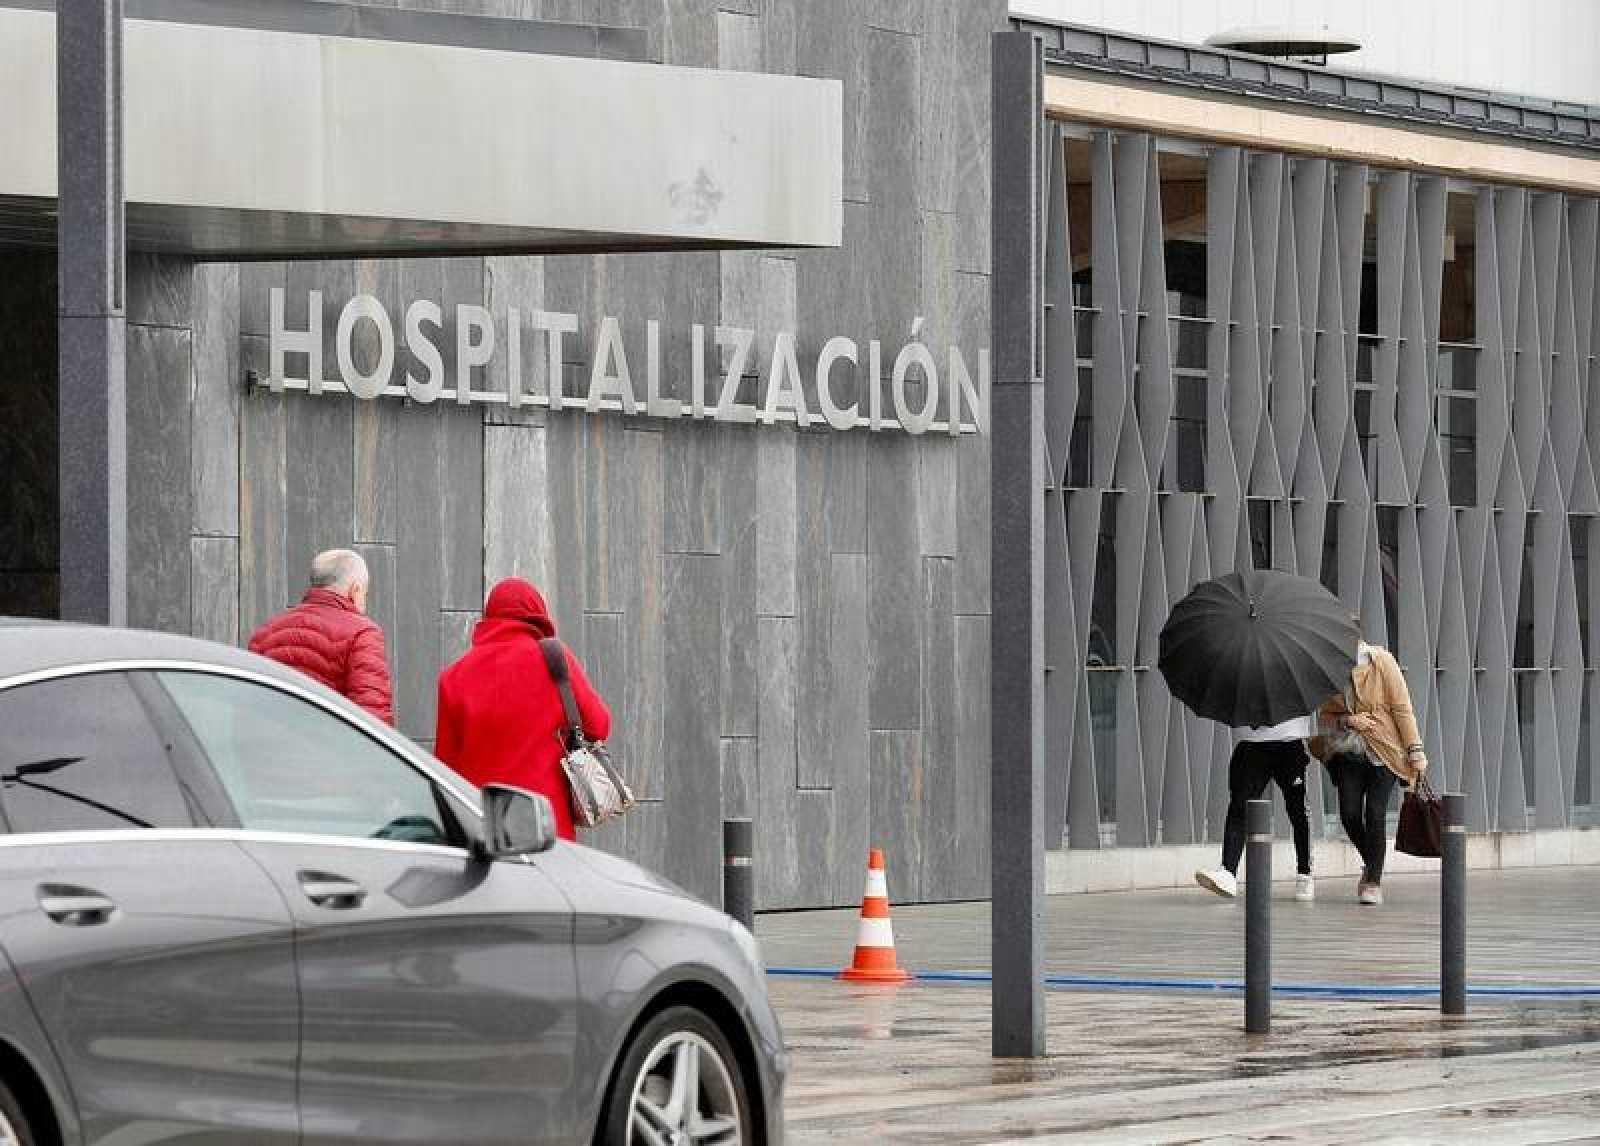 Imagen de un hospital en España.